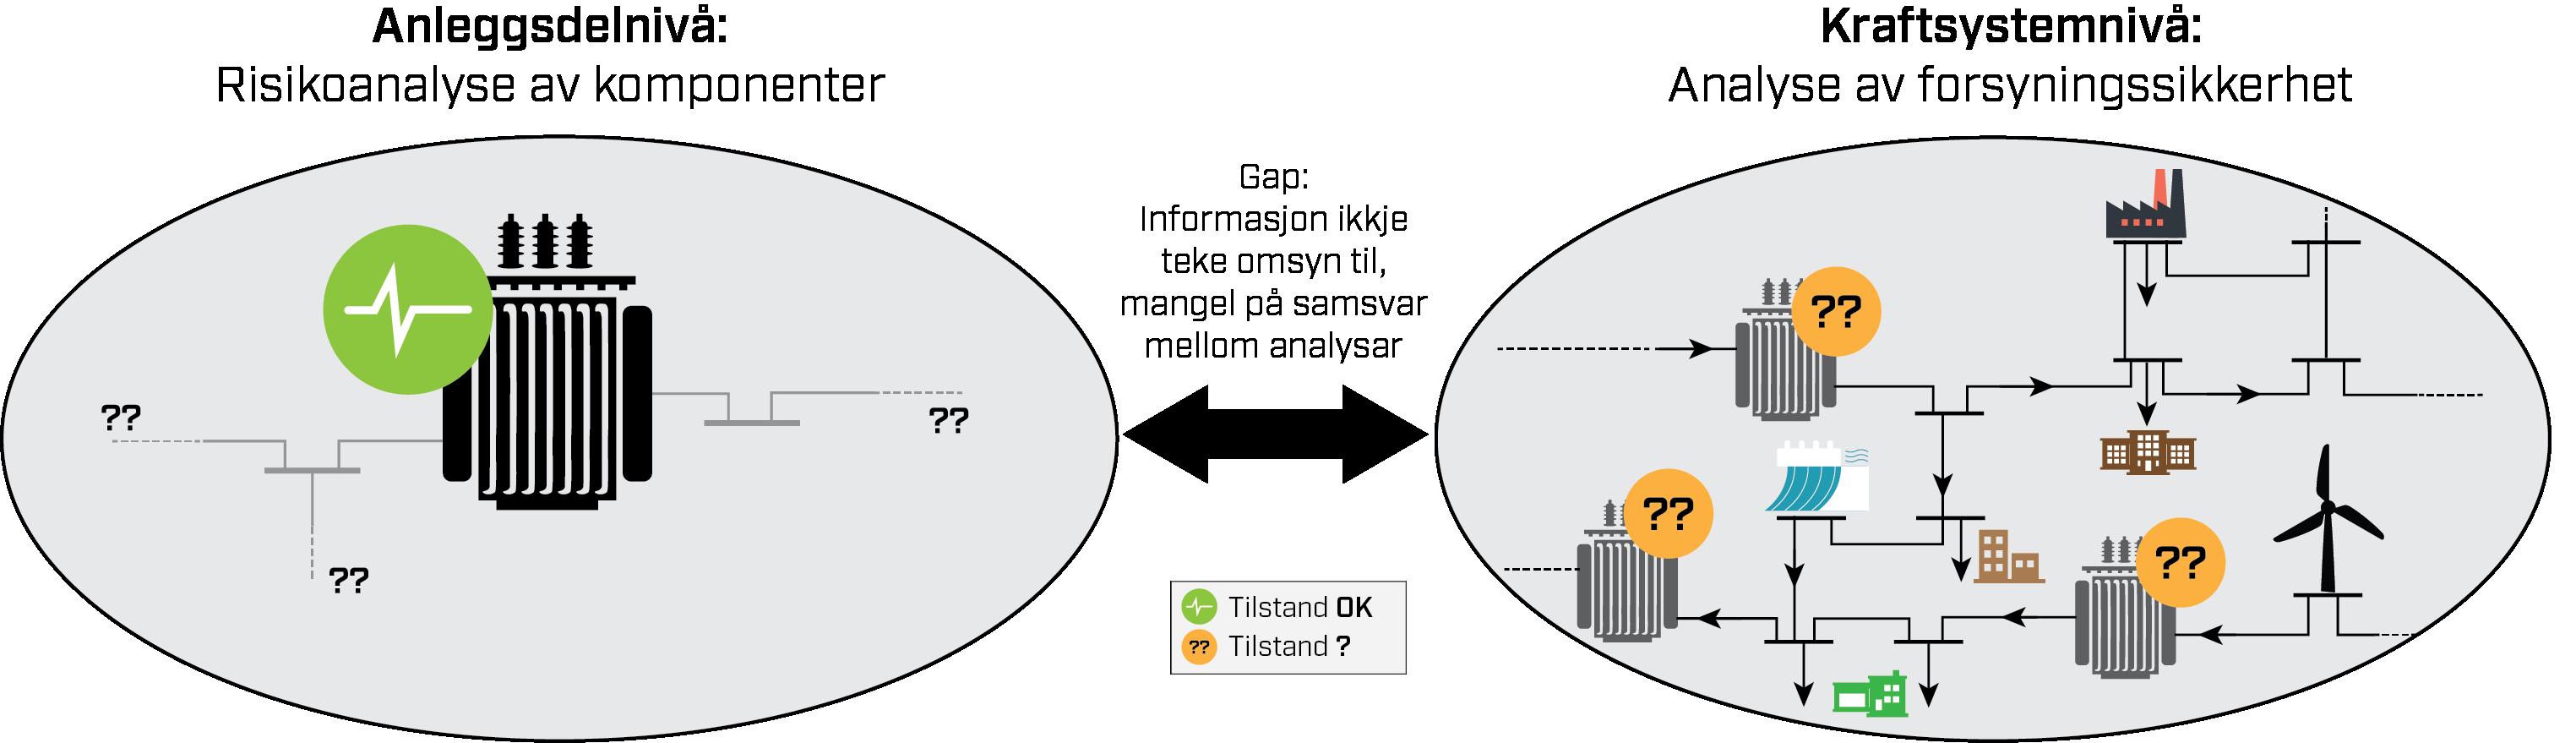 """Prosjektet skal integrere komponentanalyse med nettanalyse for et mer komplett risikobilde. Det vil si at det skal bidra til å lukke """"gapet"""" mellom risikoanalyser av komponenter (som f.eks. transformatorer) og analyser av forsyningssikkerhet i nettet. Dette er illustrert i figuren nedenfor, med transformator som eksempel på komponent. Analysen på venstre side av figuren fokuserer på en enkelt transformator men tradisjonelt tar den ikke hensyn til transformatorens plassering i nettet og hvor viktig den er for forsyningssikkerheten. Analysen på høyre side tar derimot et større systemperspektiv, men tradisjonelt tar den ikke hensyn til tilstanden til transformatoren og hvordan denne påvirker sannsynlighet for havari og dermed forsyningssikkerheten. Dette gapet gjør at det er vanskelig å vurdere hvordan forsyningssikkerheten i nettet endres når transformatorene aldres. Ved å lukke dette forskningsgapet vil det bli mulig å ta bedre beslutninger for utvikling og fornyelse av aldrende nett, inkludert når gamle transformatorer bør skiftes ut."""